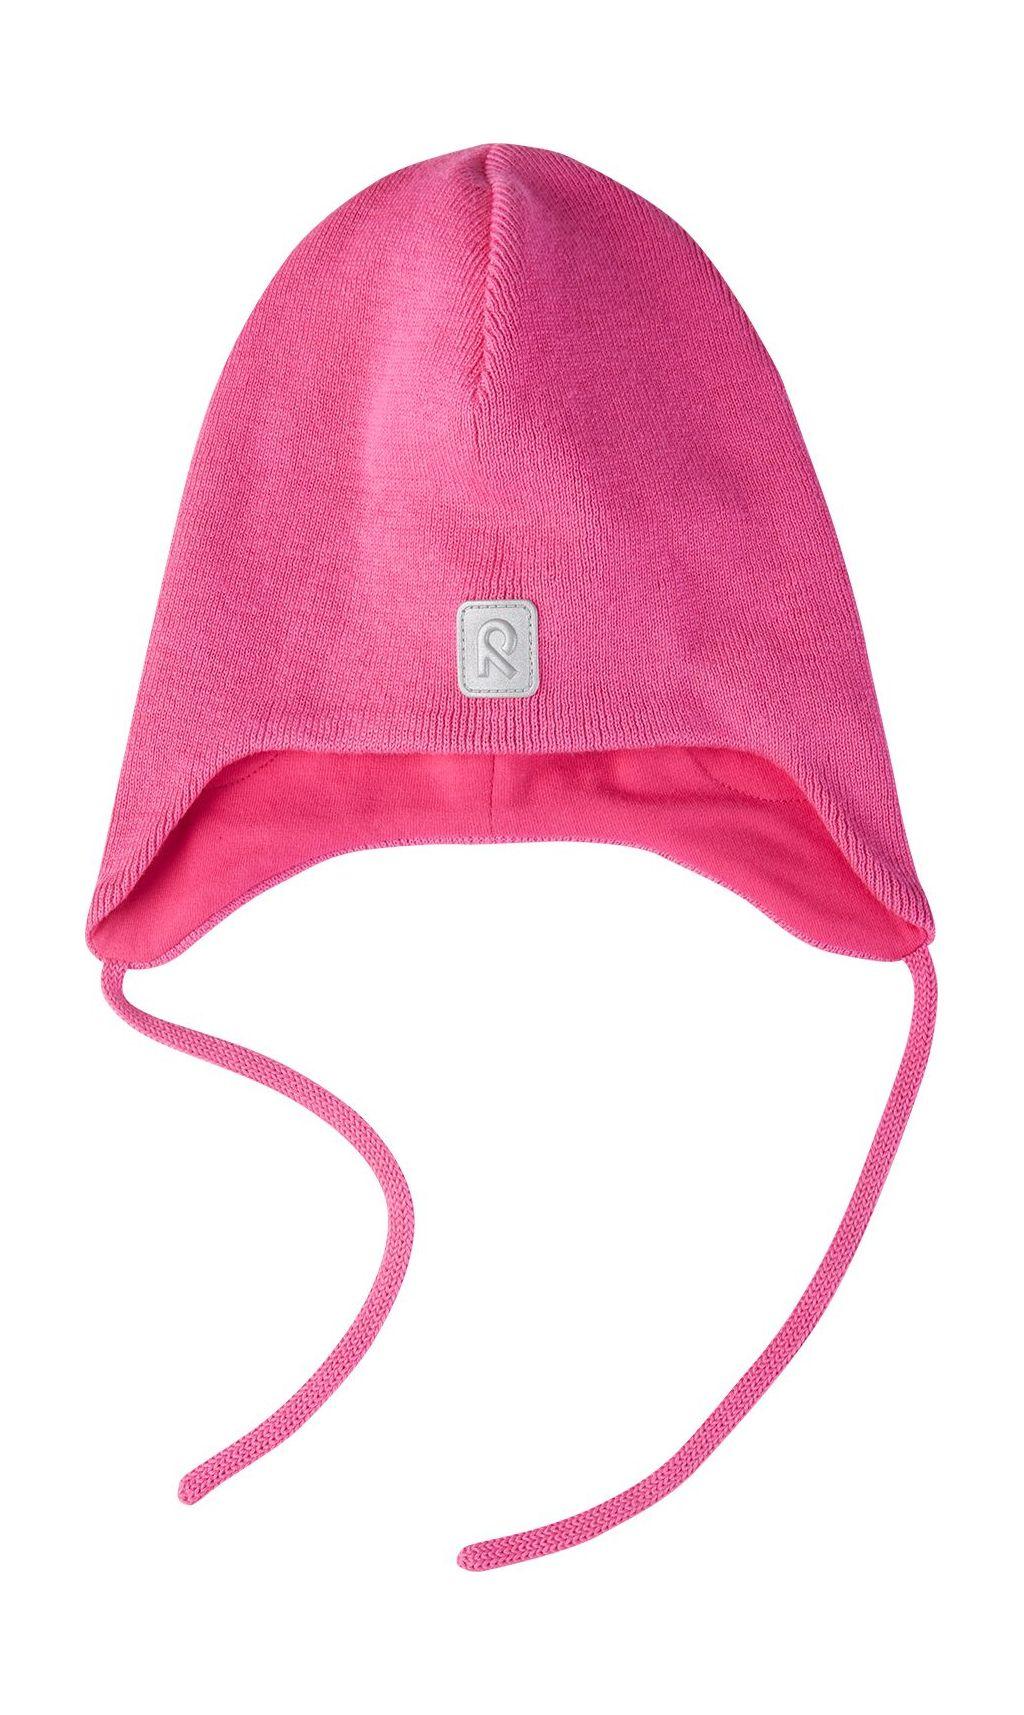 REIMA Kivi 518580 Fuchsia Pink 52